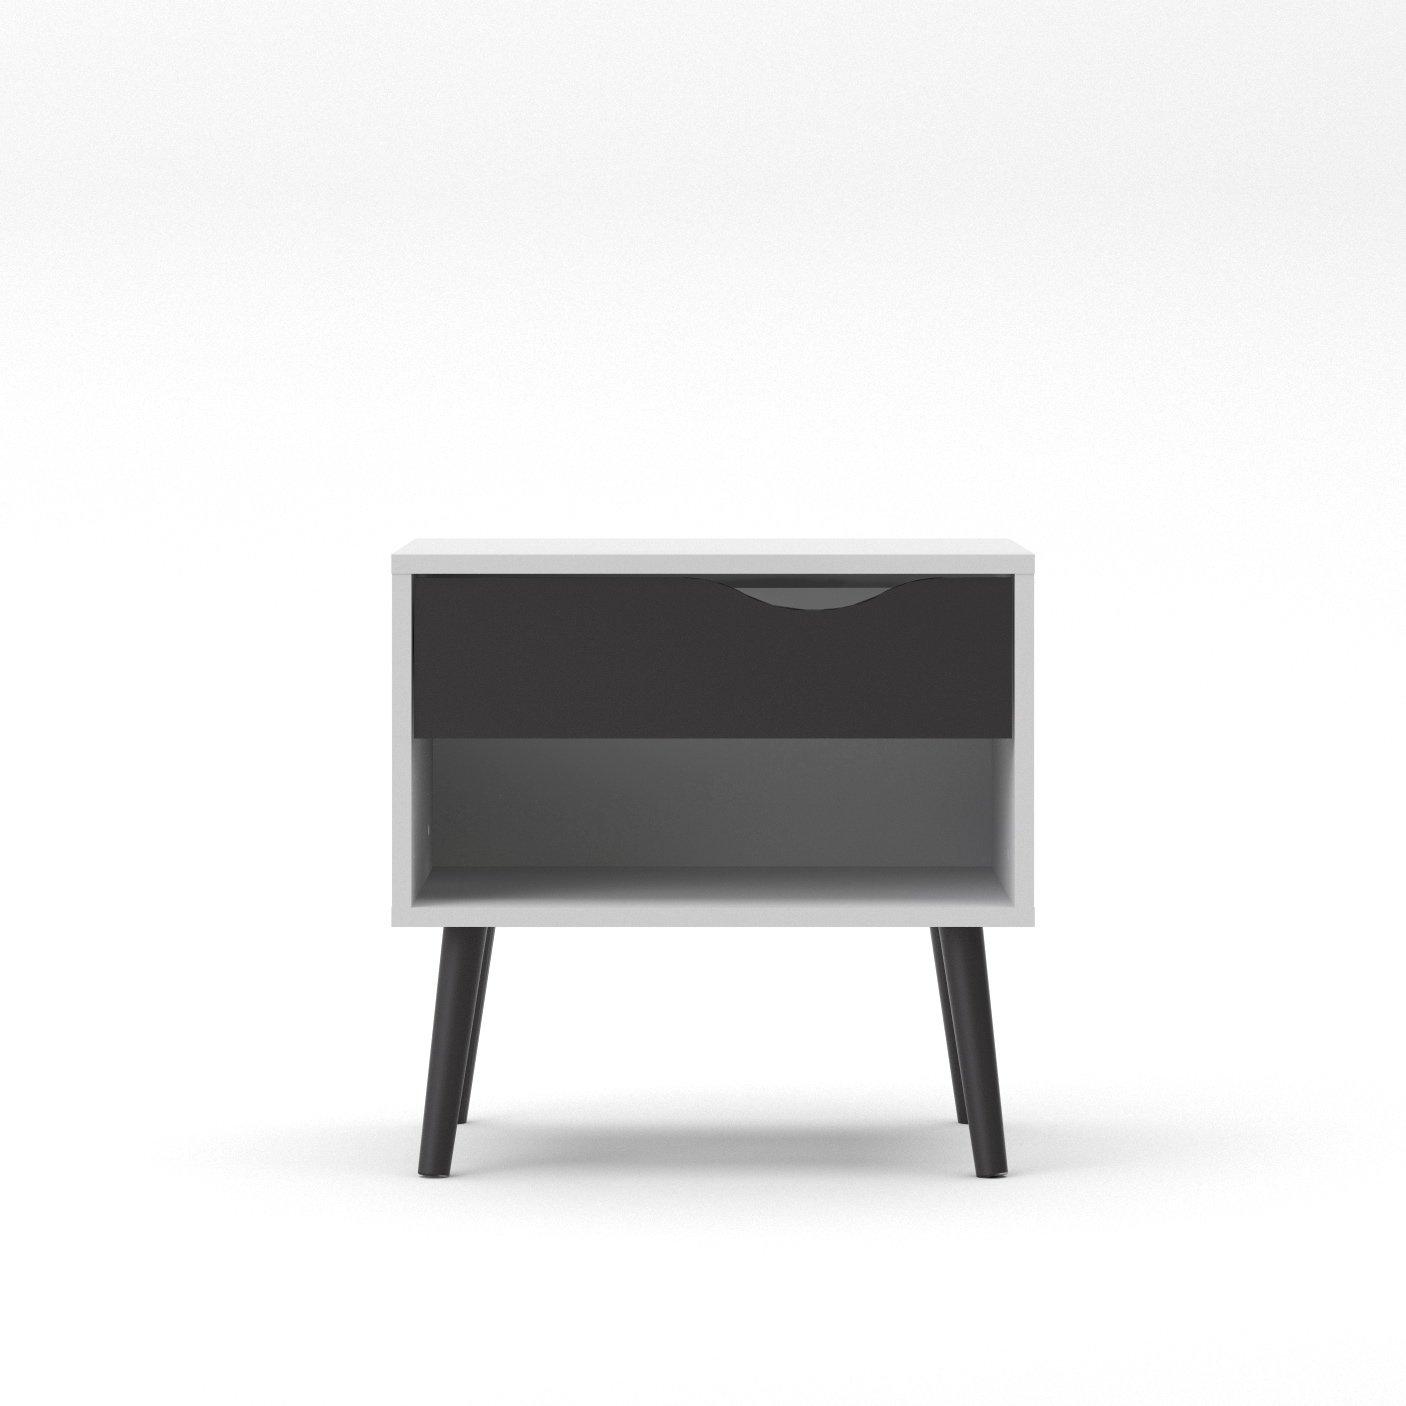 Tvilum 7539449gm Diana 1 Drawer Nightstand, White/Black Matte